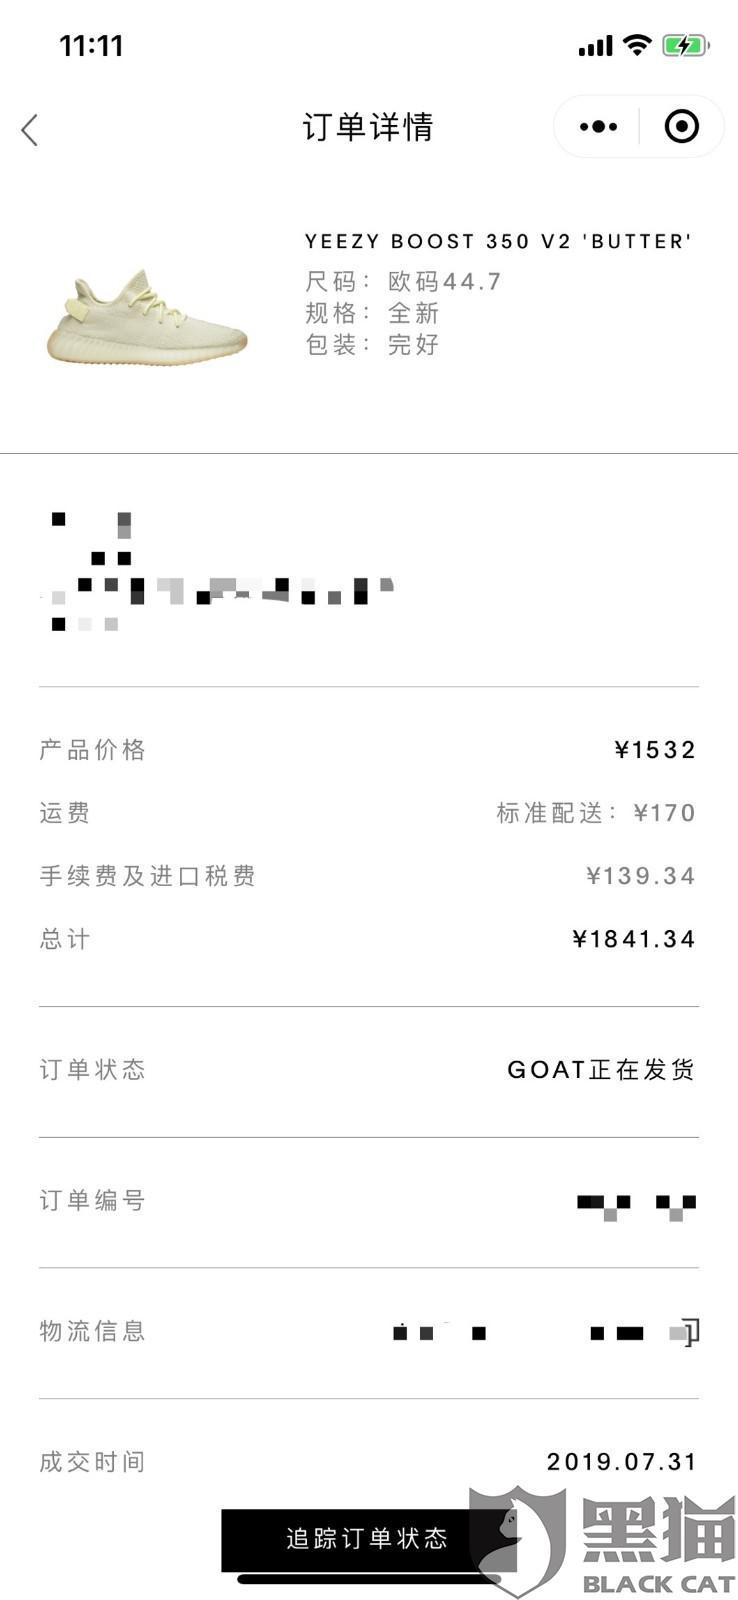 黑猫投诉:7.31号在goat微信小程序上购买一双YEEZY鞋,卖家秒确认不给退款机会